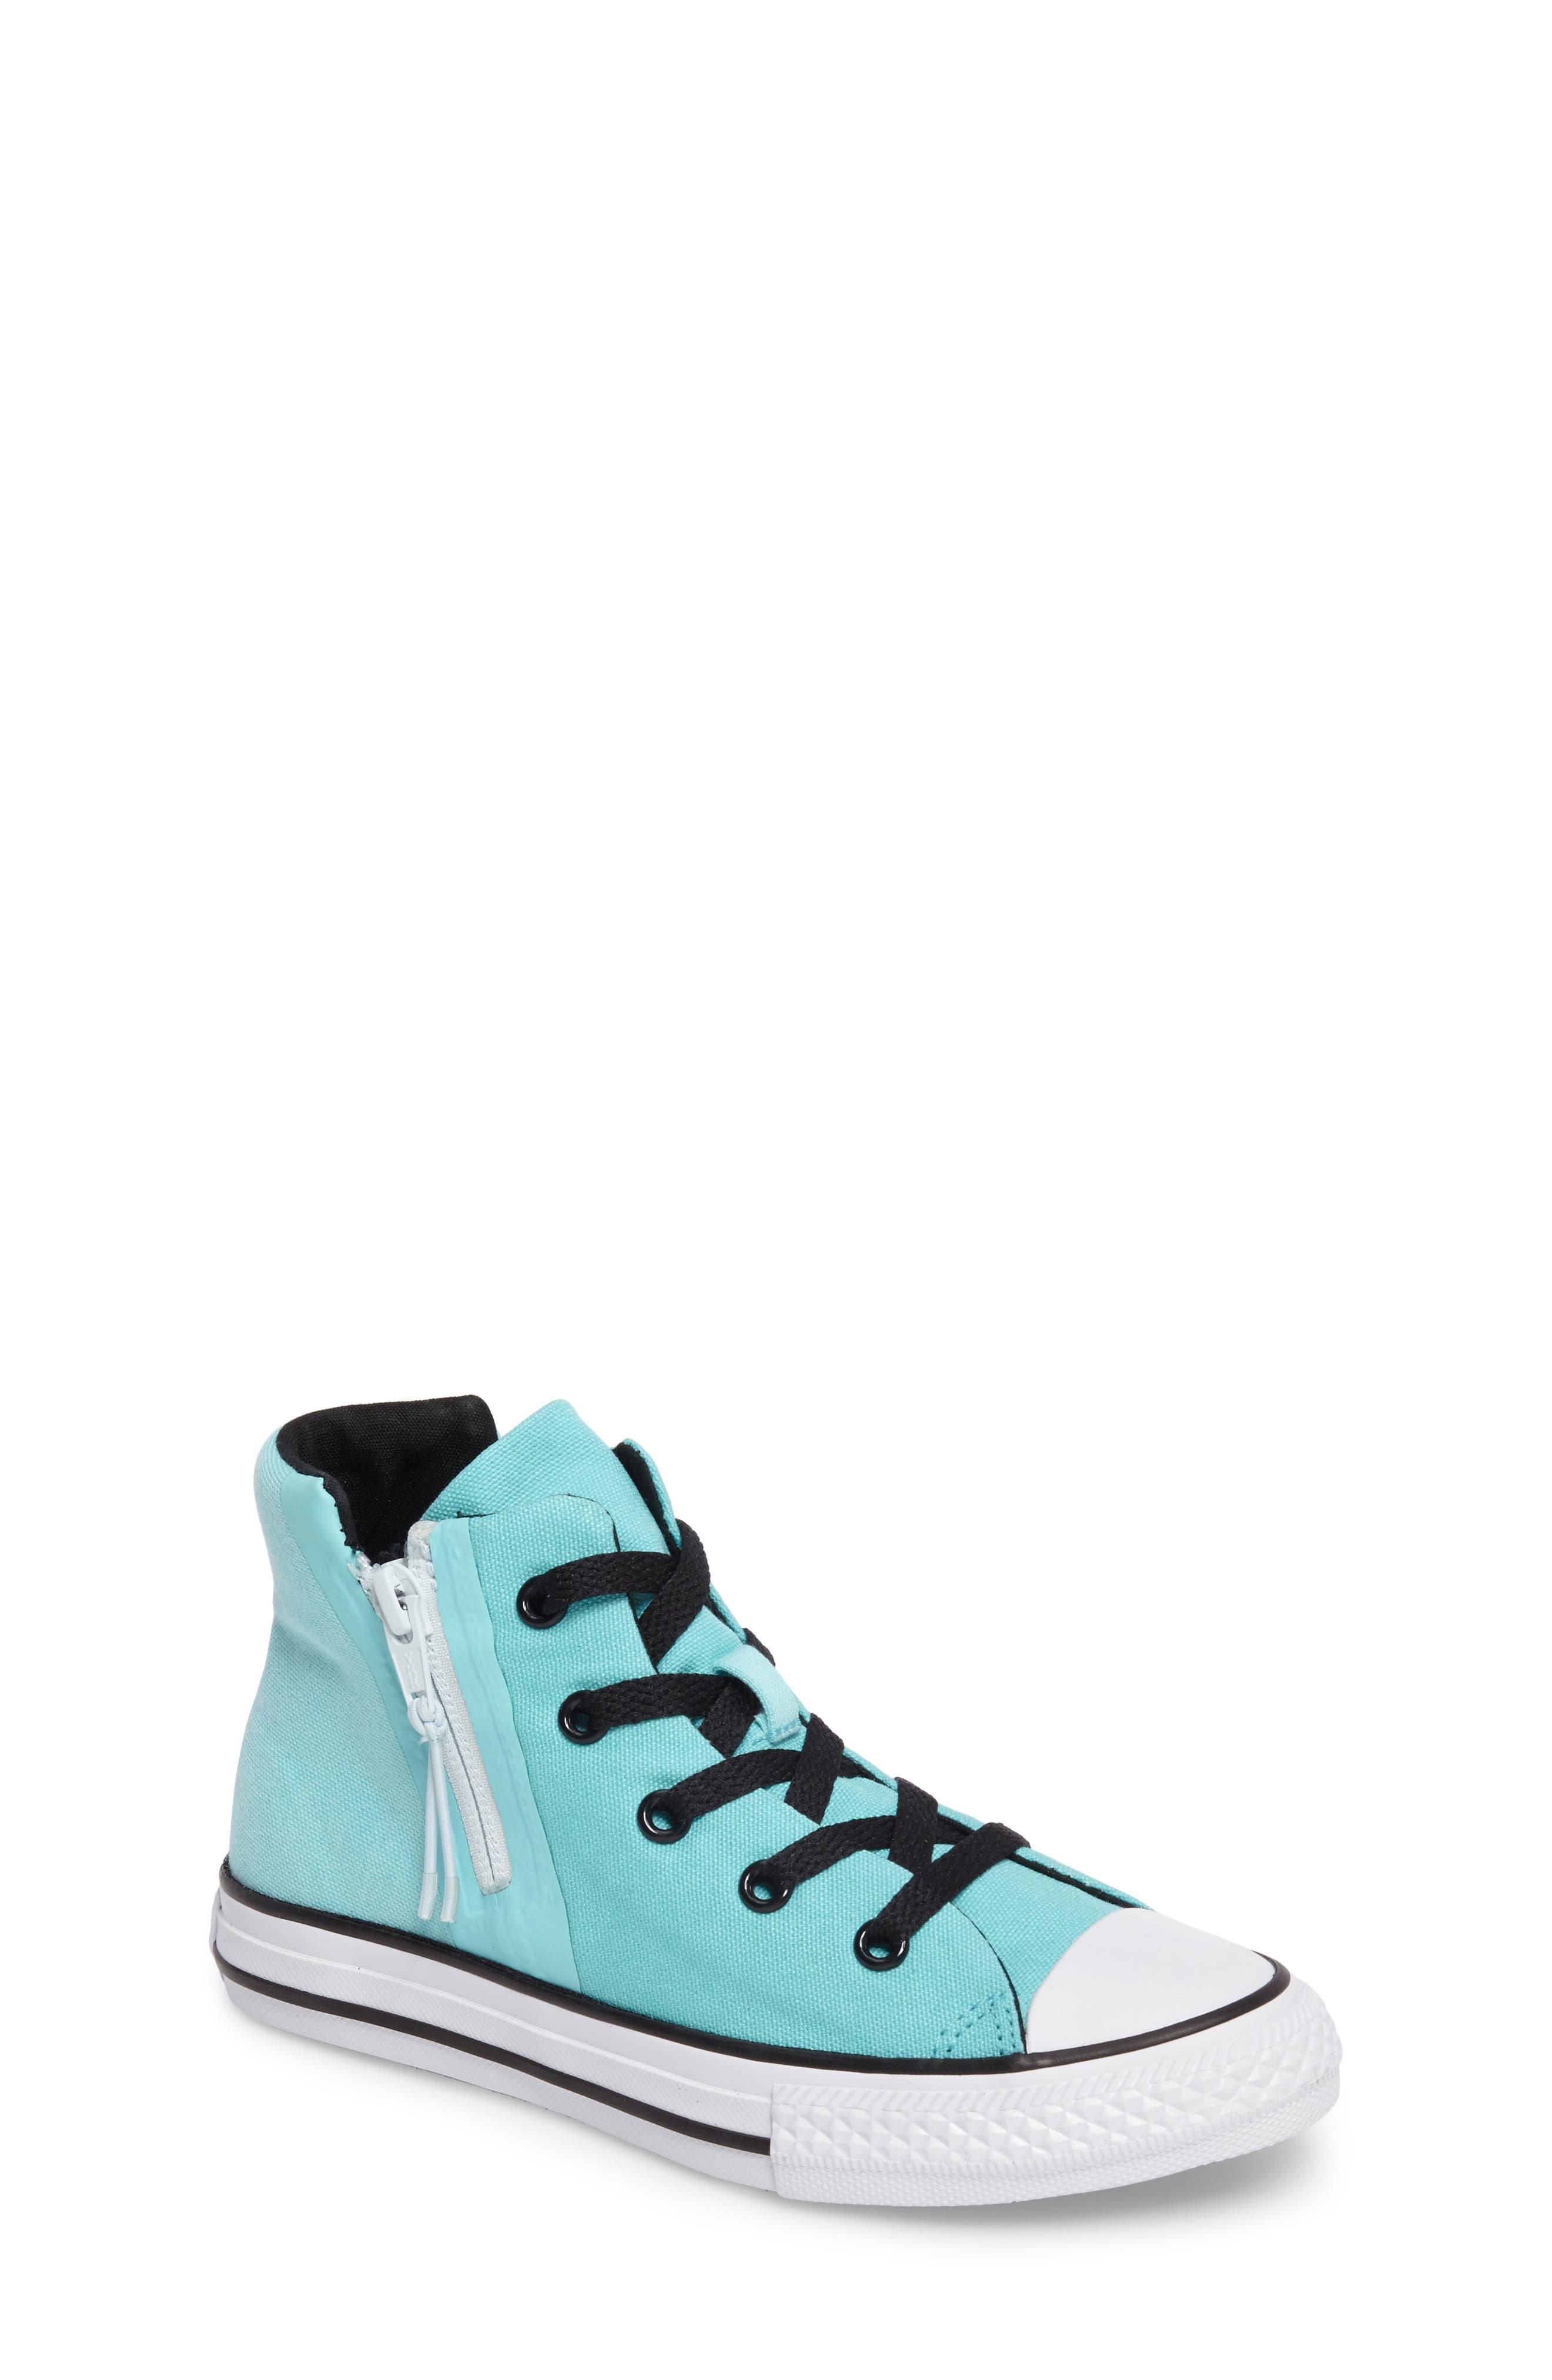 Converse Chuck Taylor® All Star® Sport Zip High Top Sneaker (Baby, Walker, Toddler, Little Kid & Big Kid)